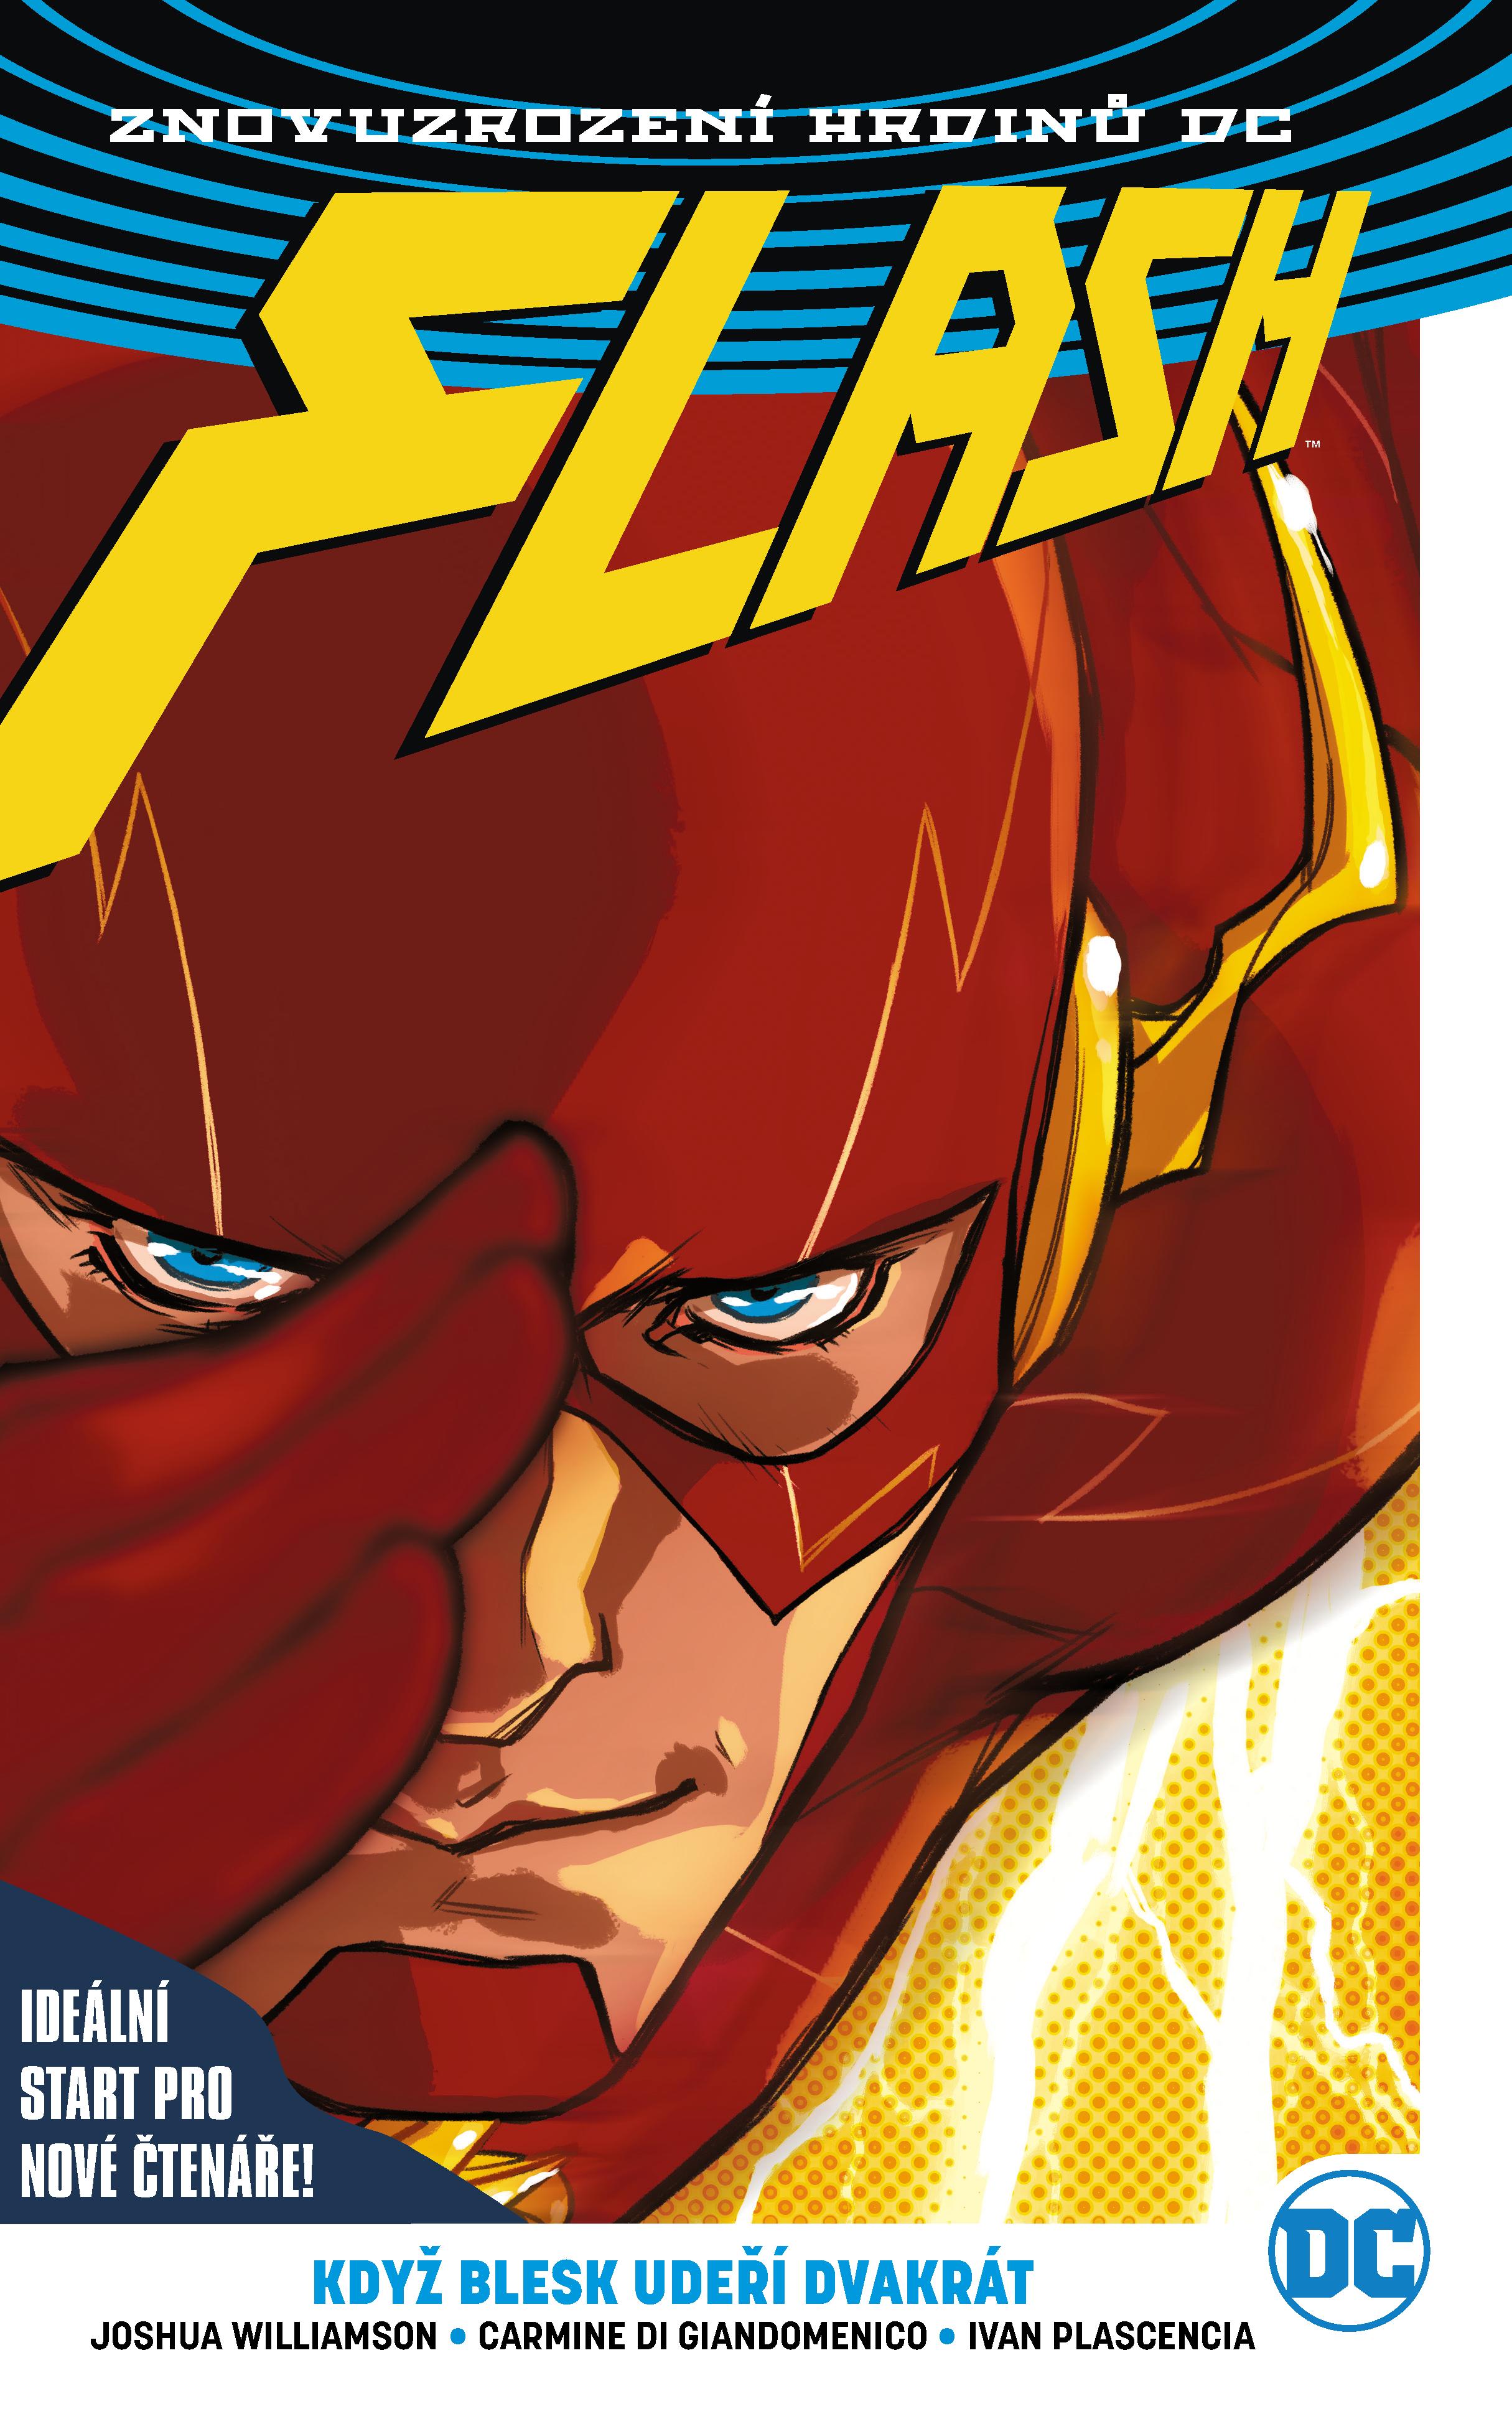 Malý, ale rychlý a šikovný. Jedna, dvě – druhý a třetí Flash už jde!